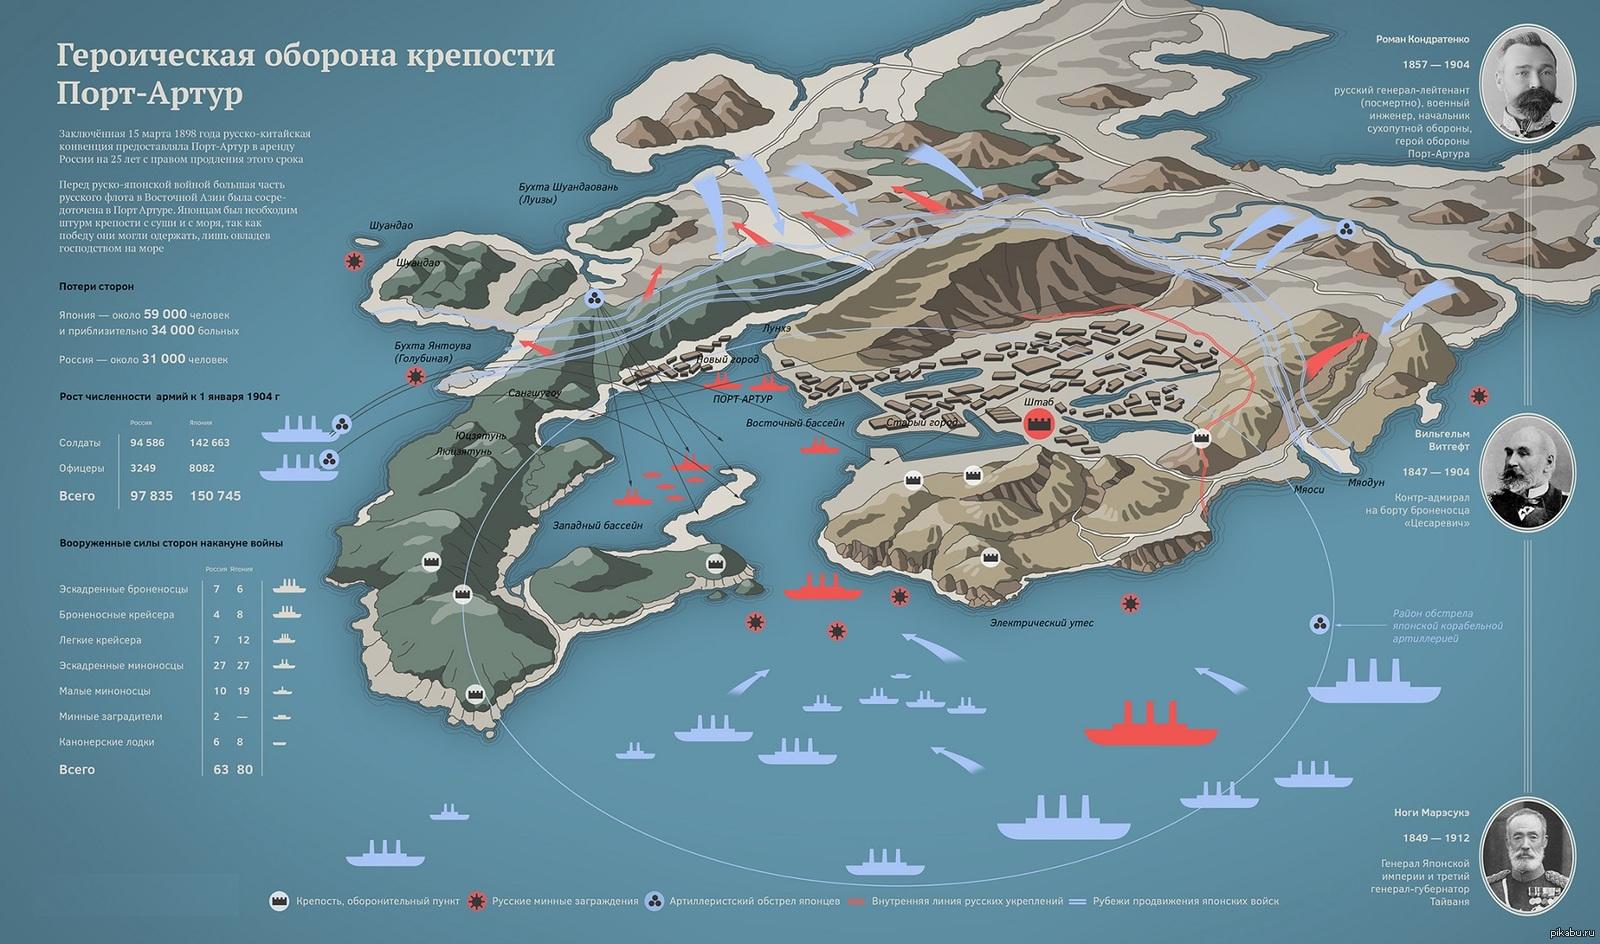 Картинки по запросу русско-японская война